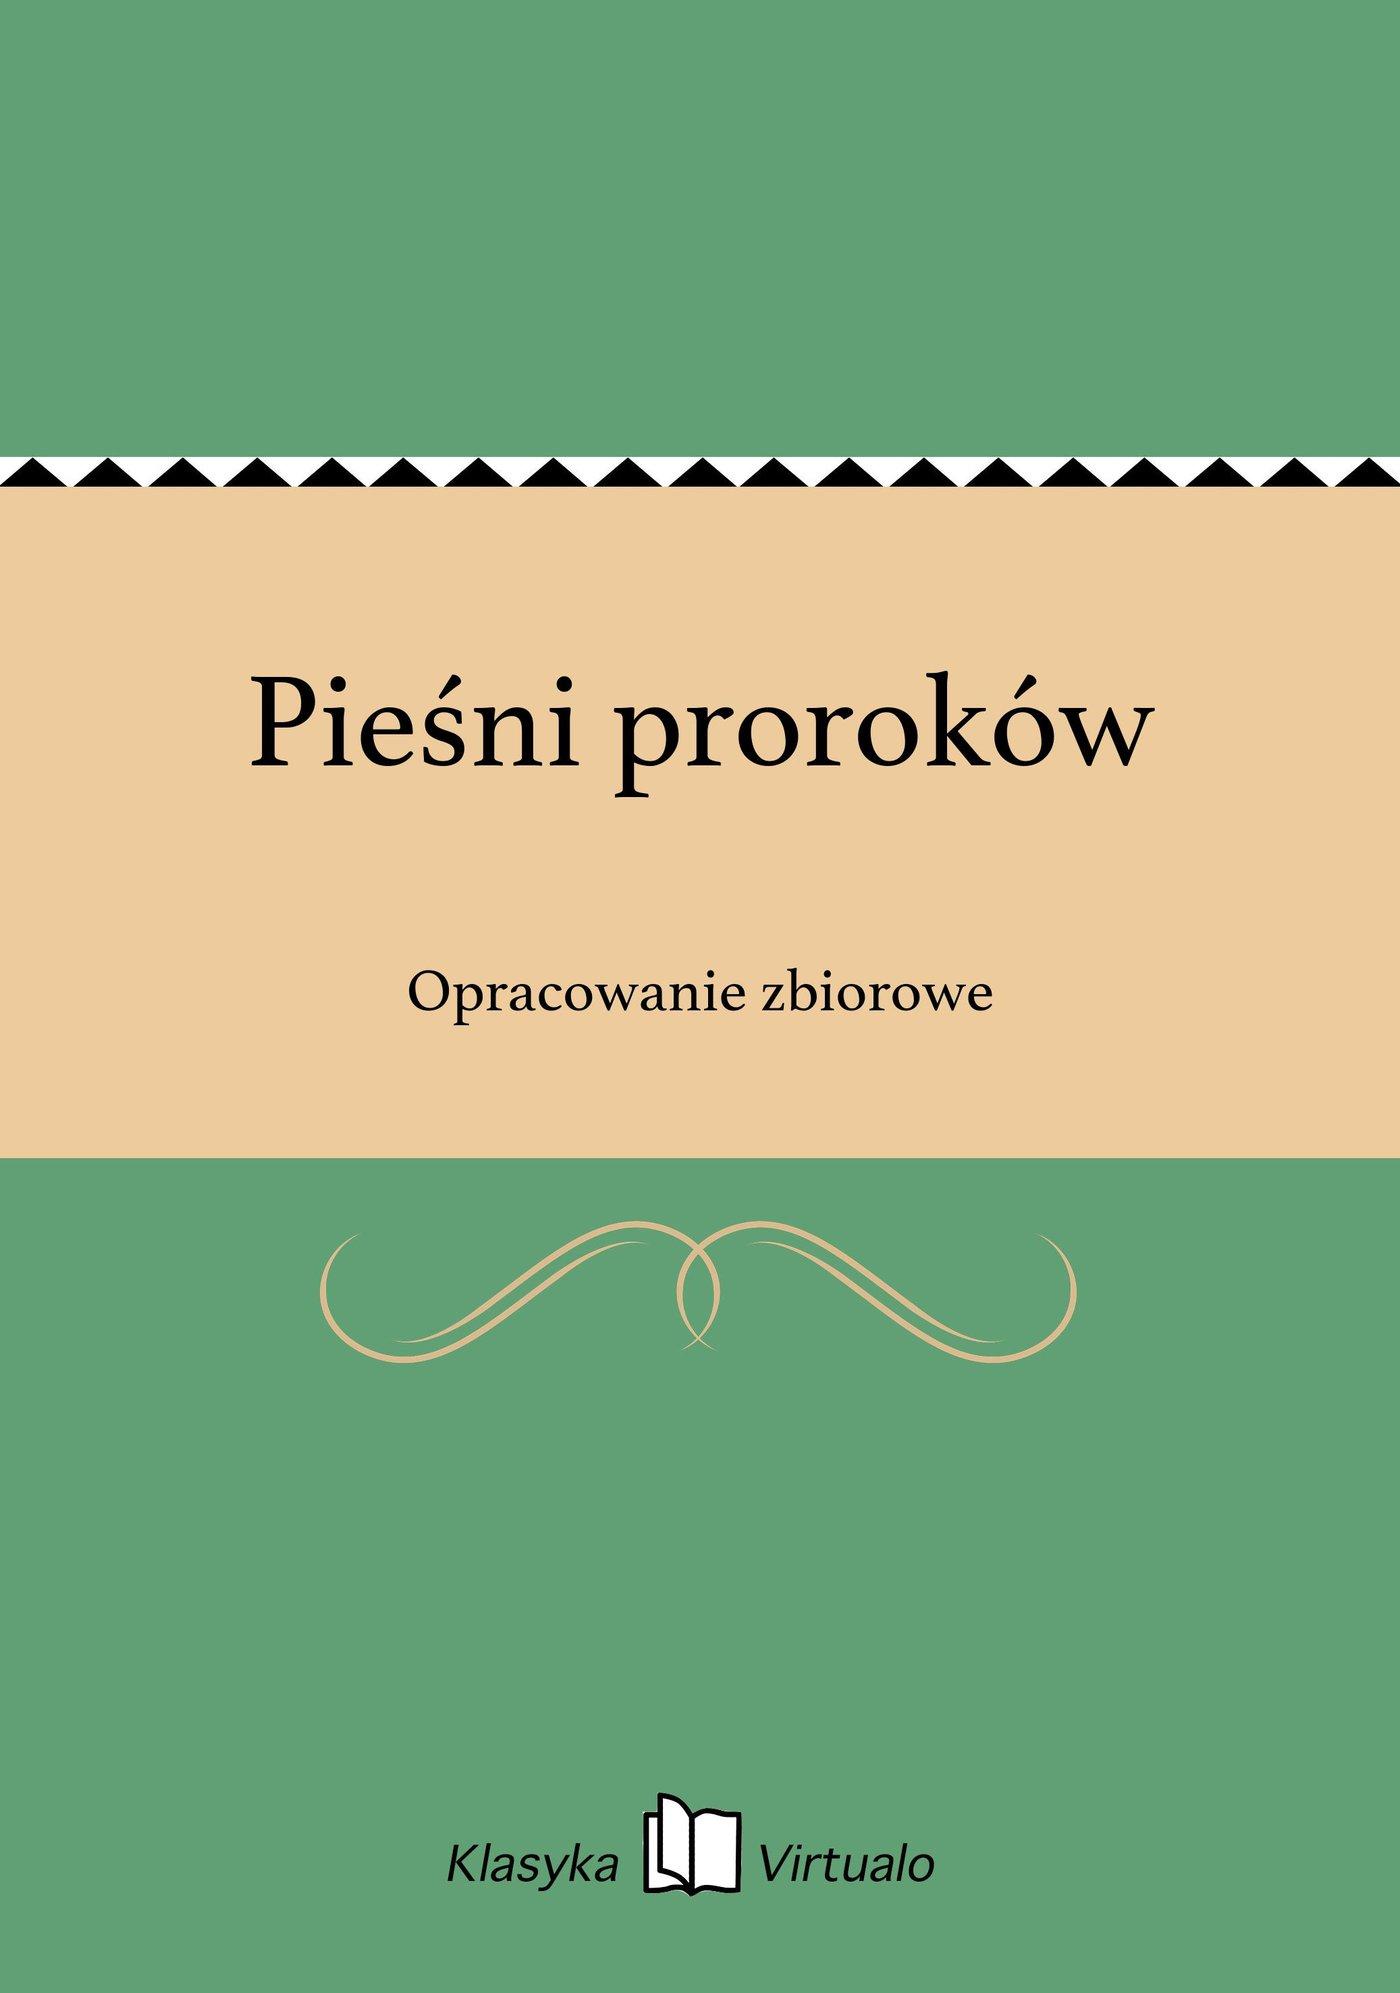 Pieśni proroków - Ebook (Książka EPUB) do pobrania w formacie EPUB